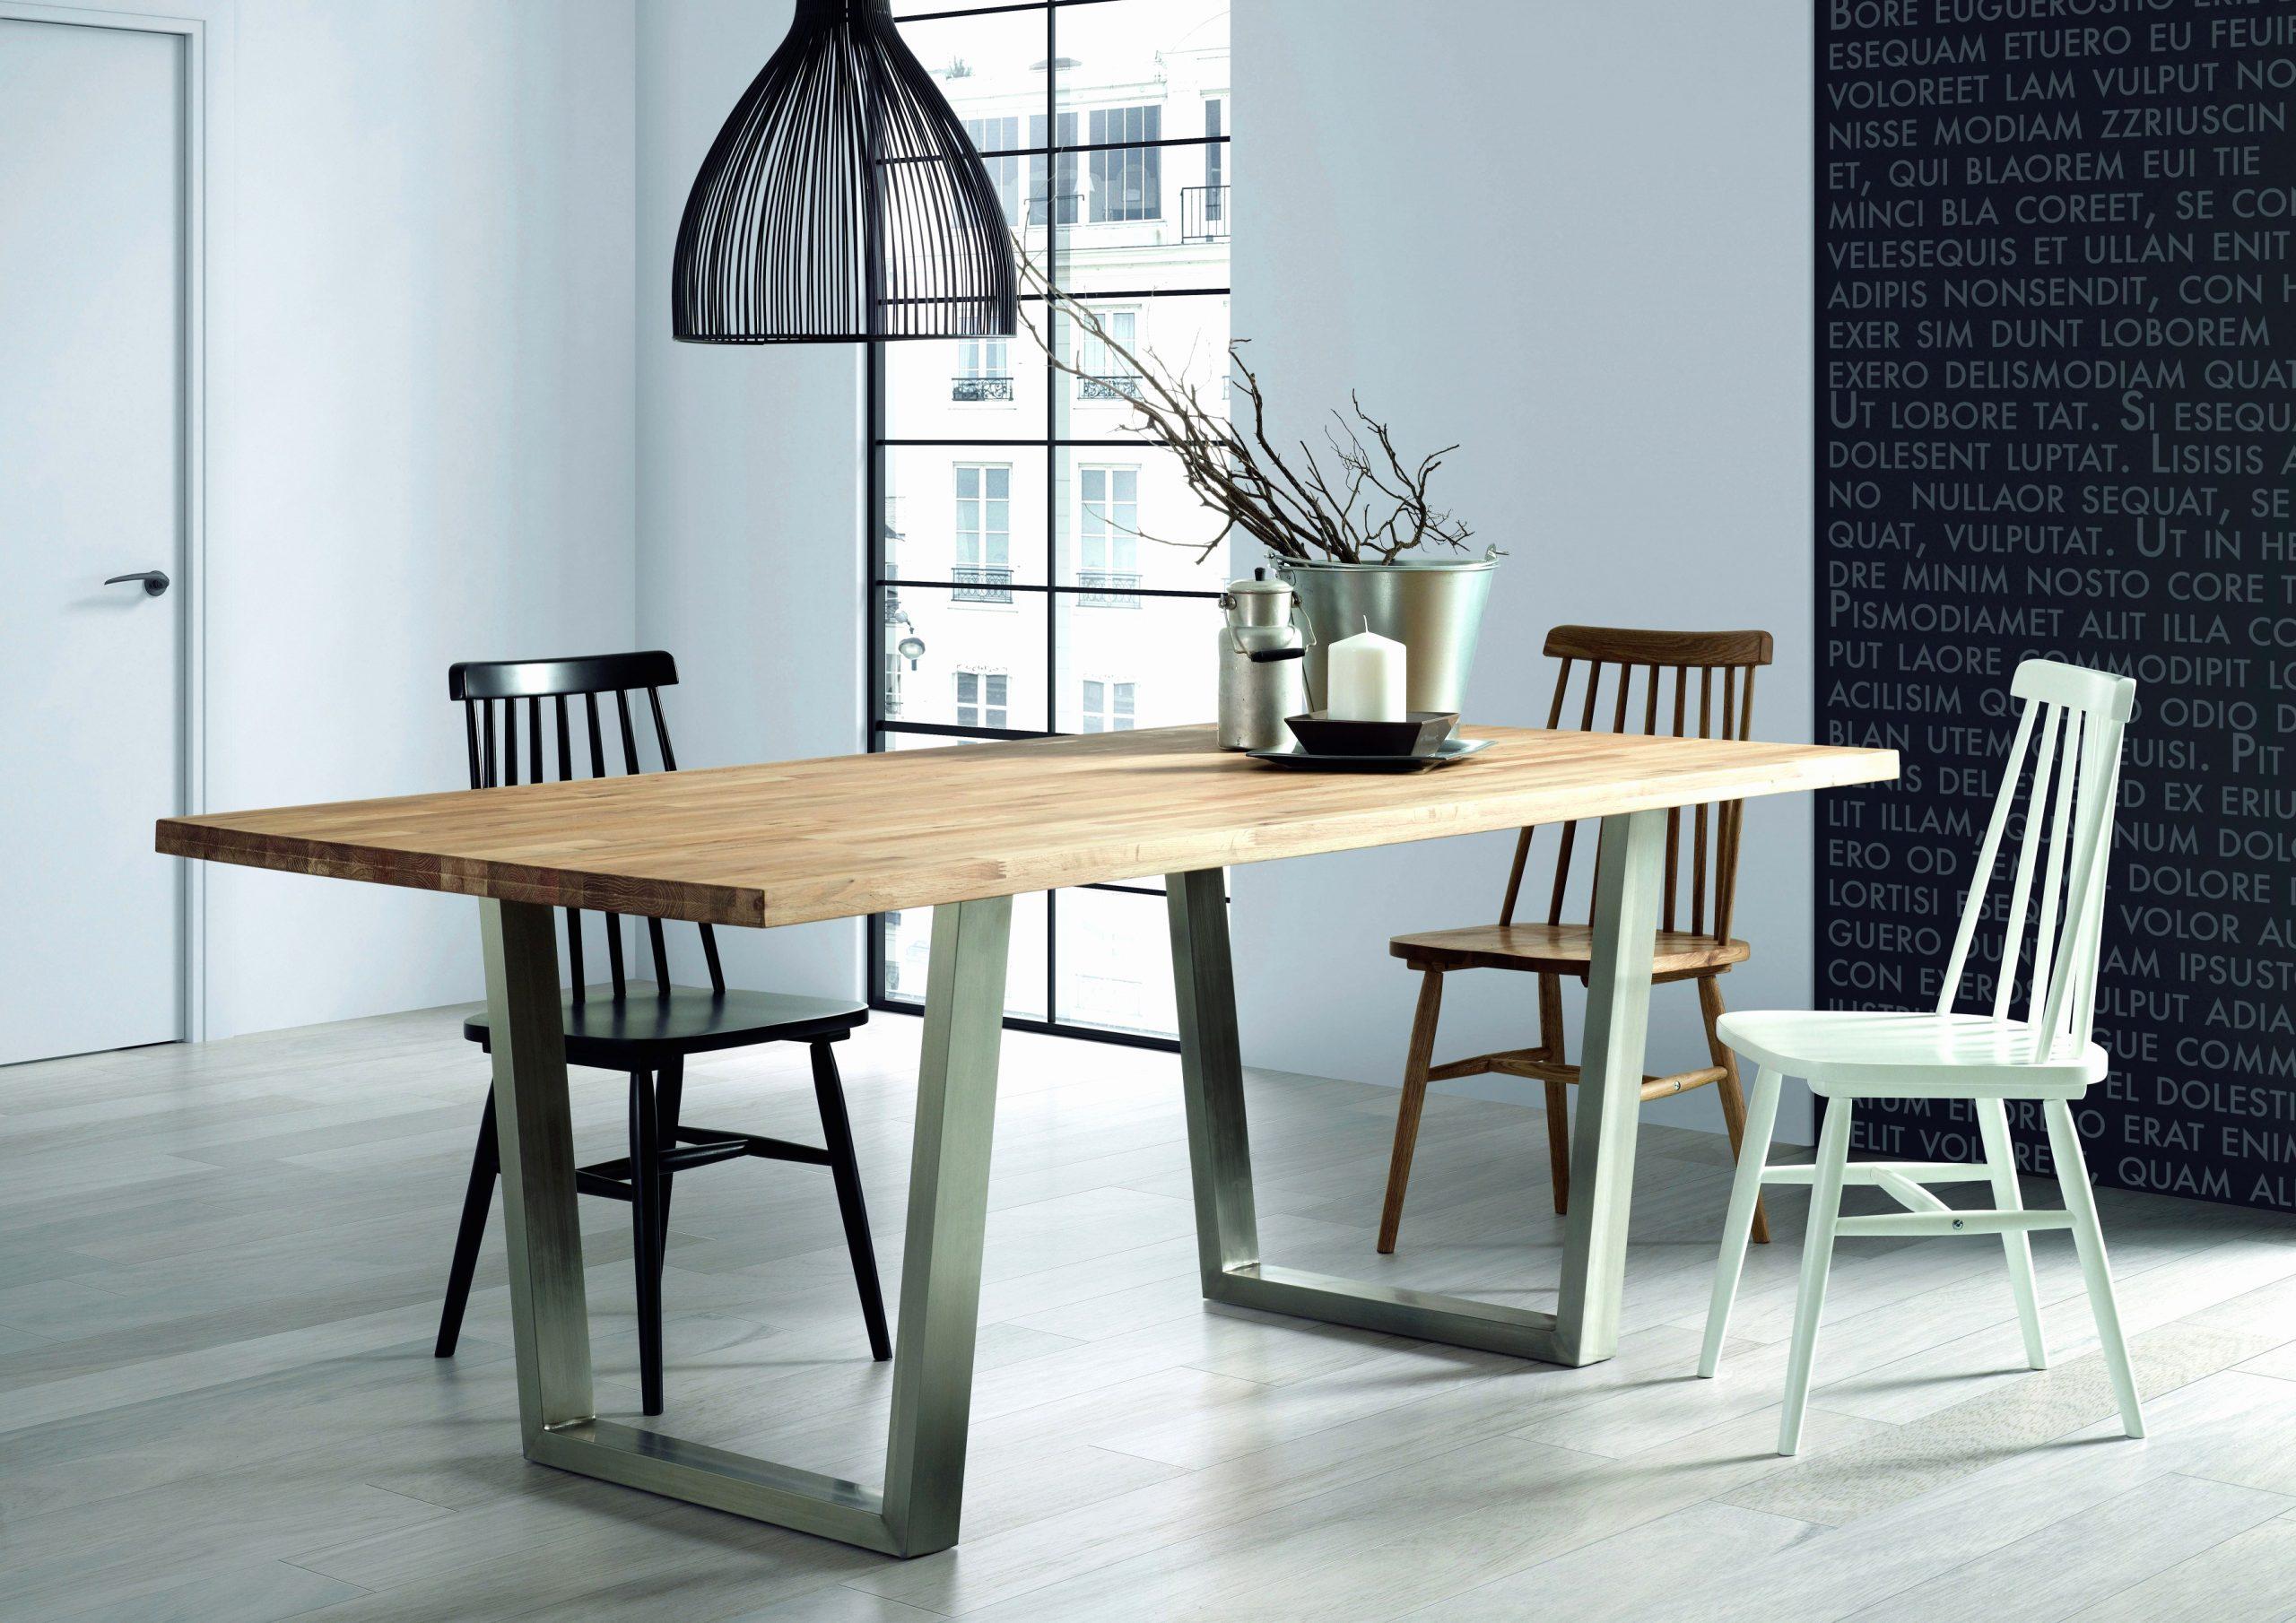 Sympathique Images De Table Salle A Manger Ceramique Beau ... avec Mobilier De Jardin Ikea